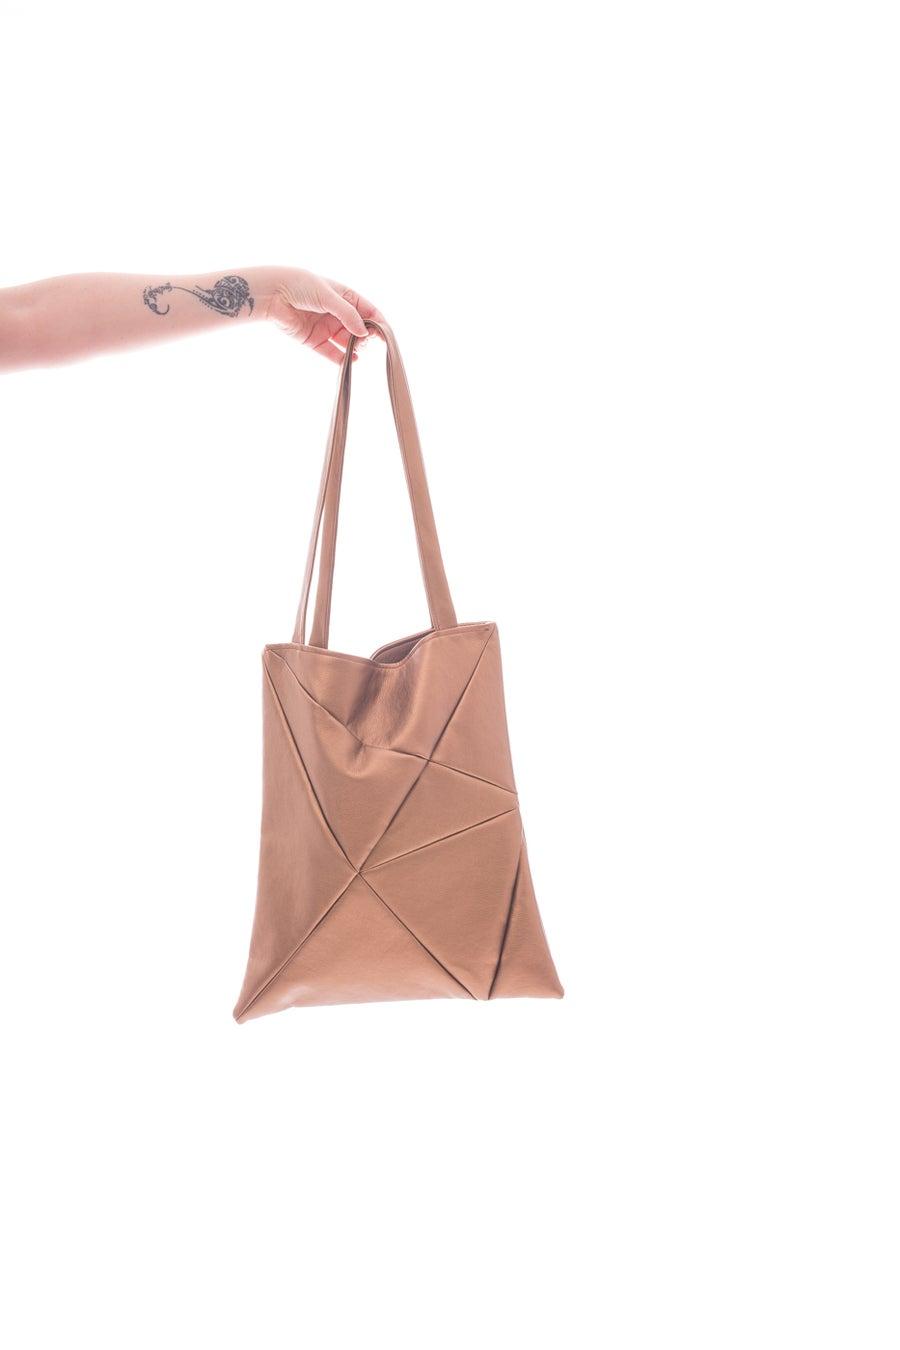 Image of GEO Bag copper